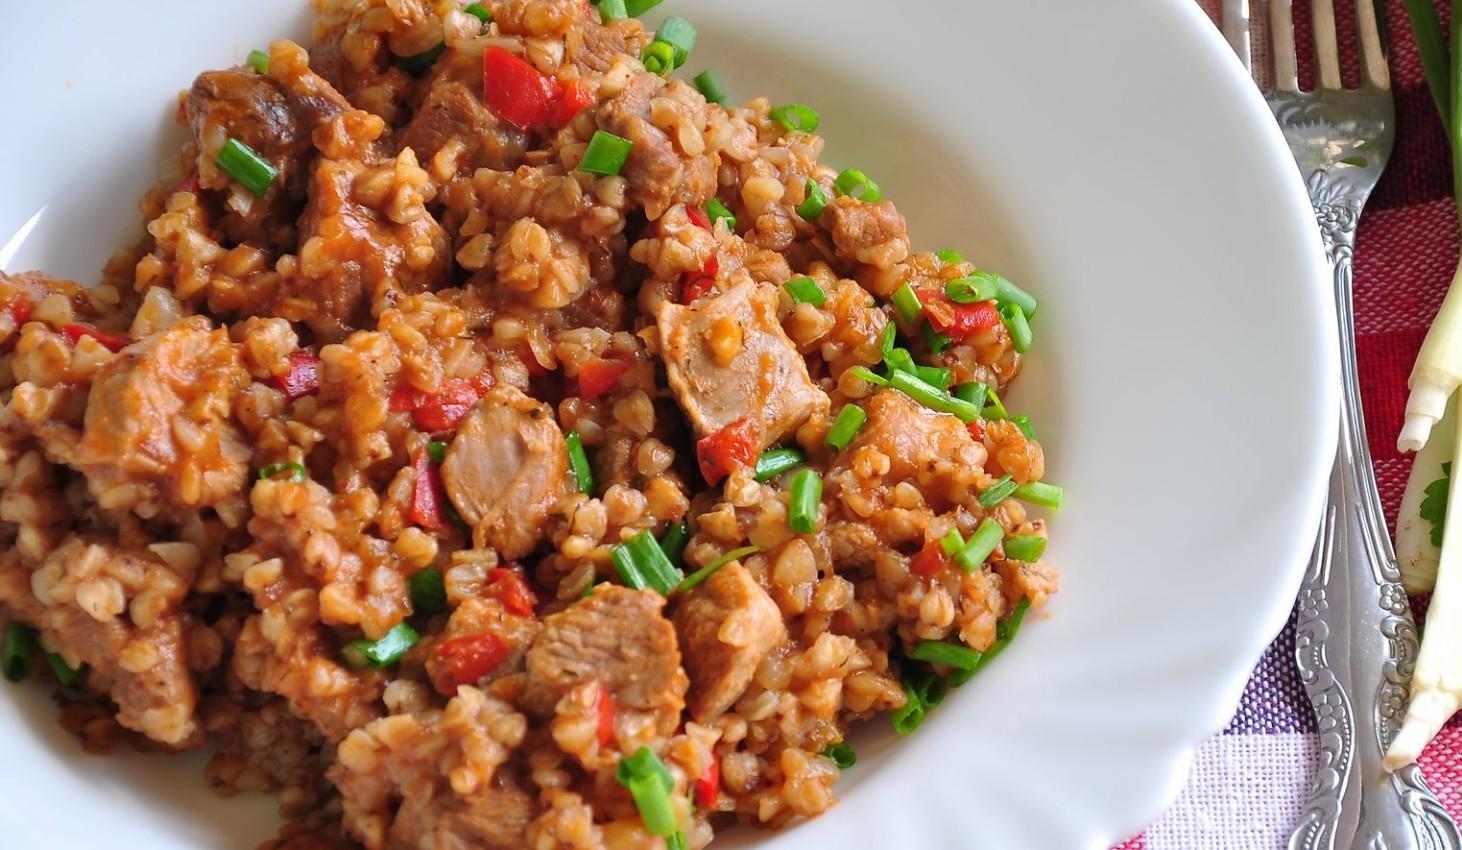 Гречка с мясом и овощами в мультиварке рецепт с фото